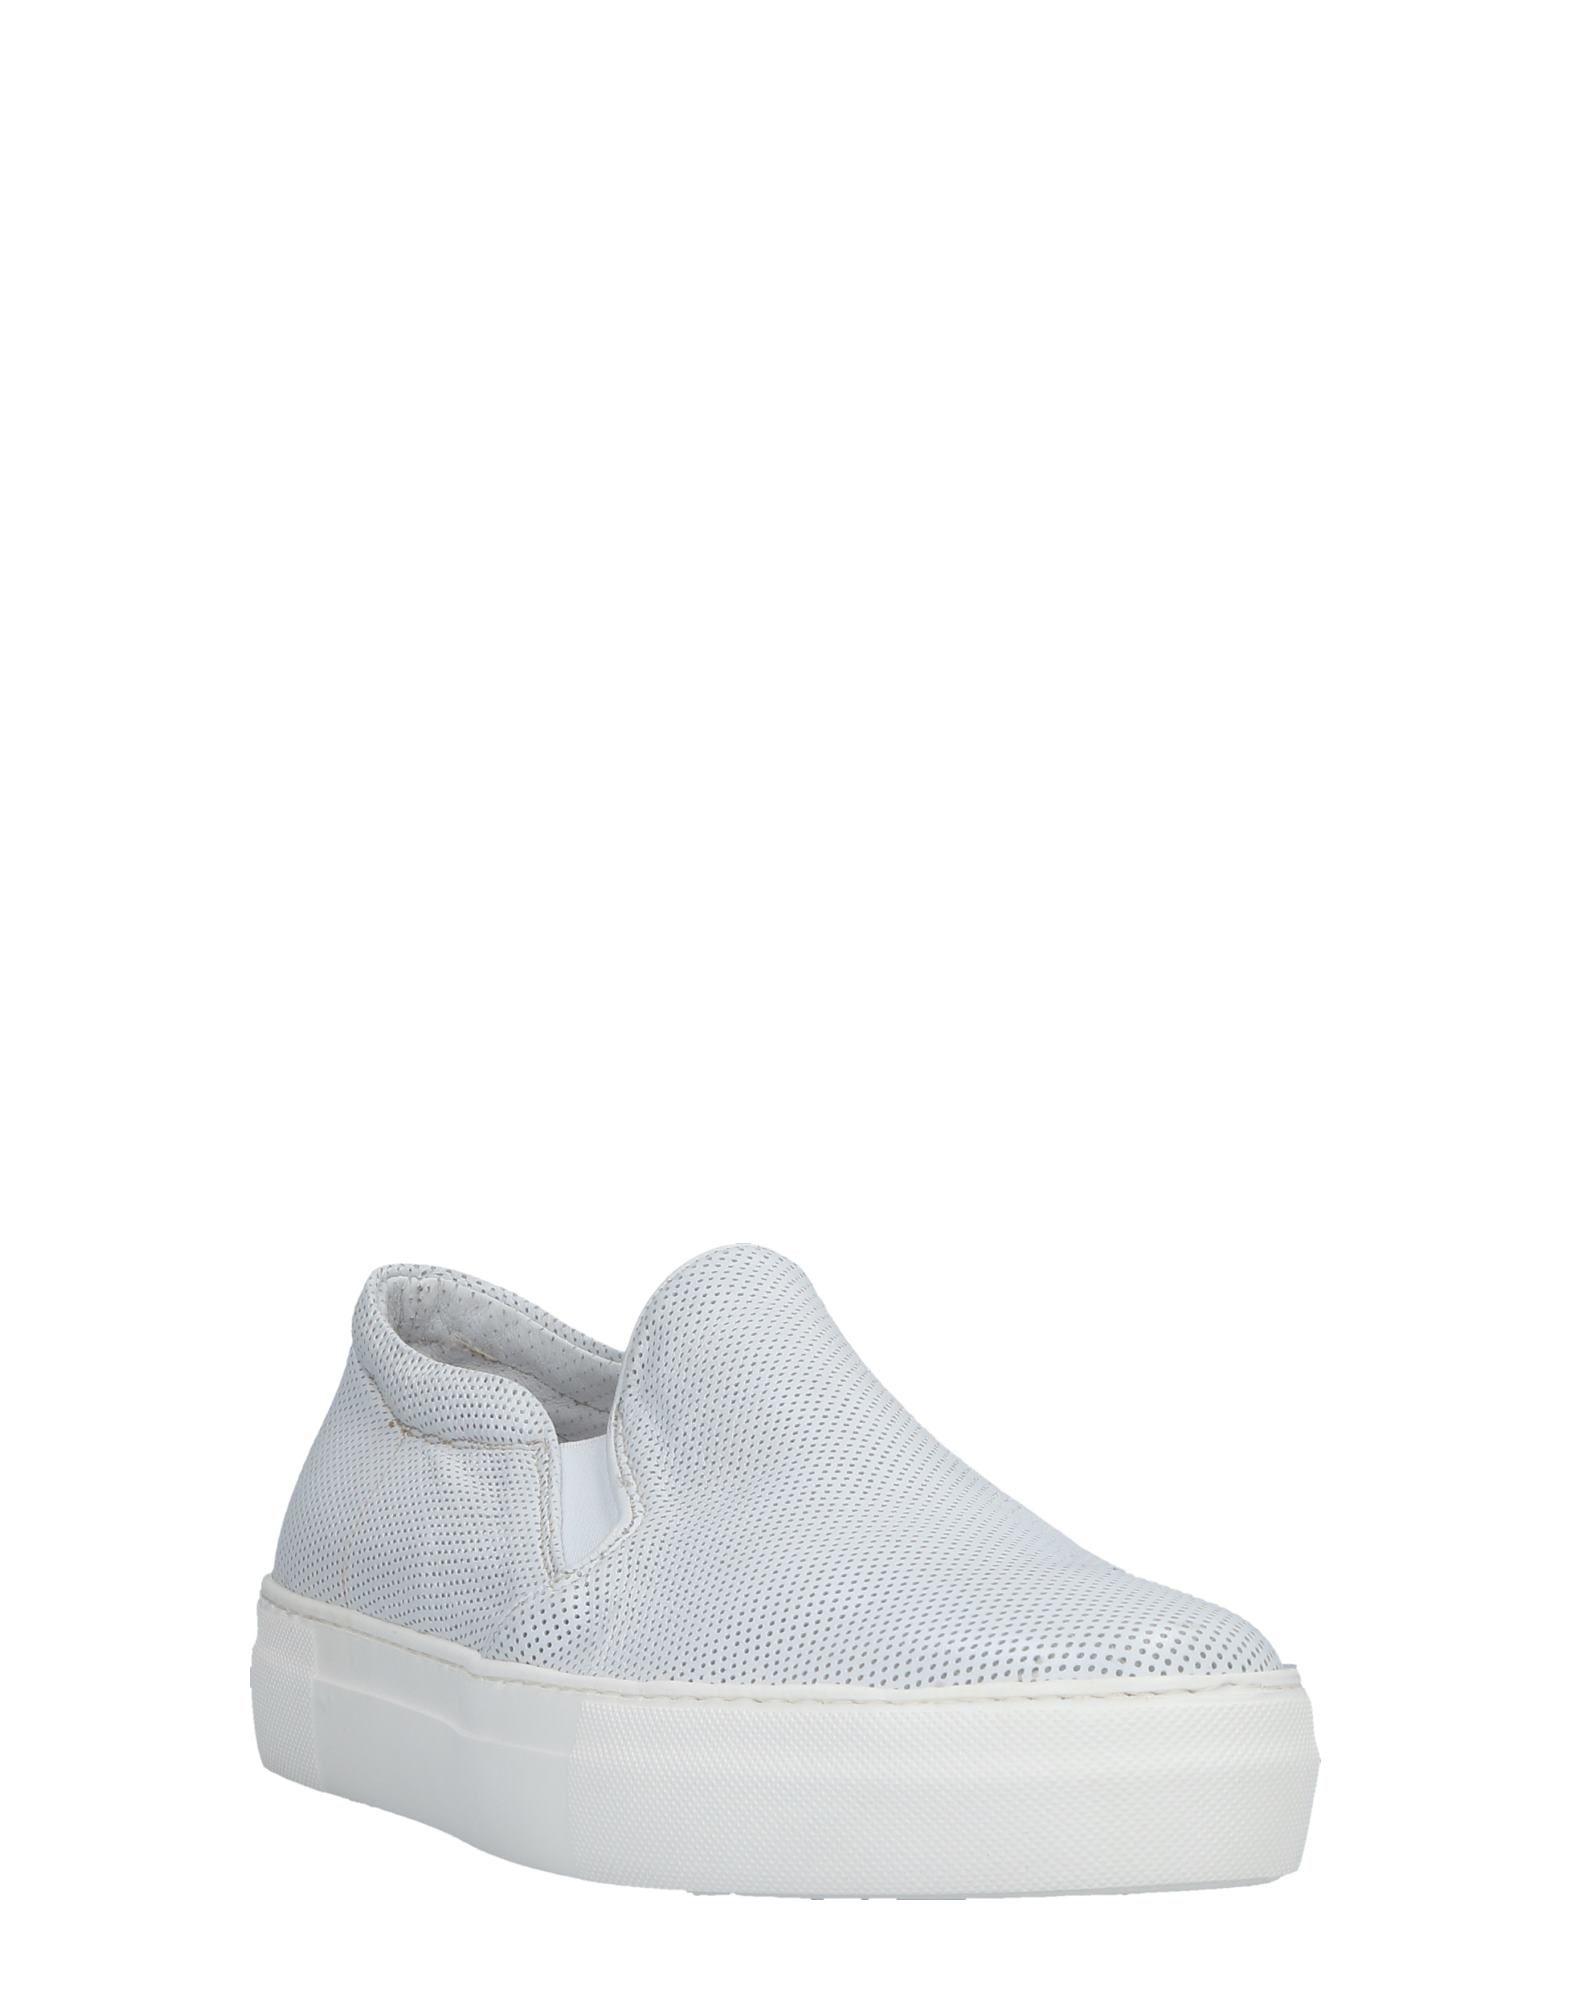 Keep Originals Herren Sneakers Herren Originals  11520156FK 39e792